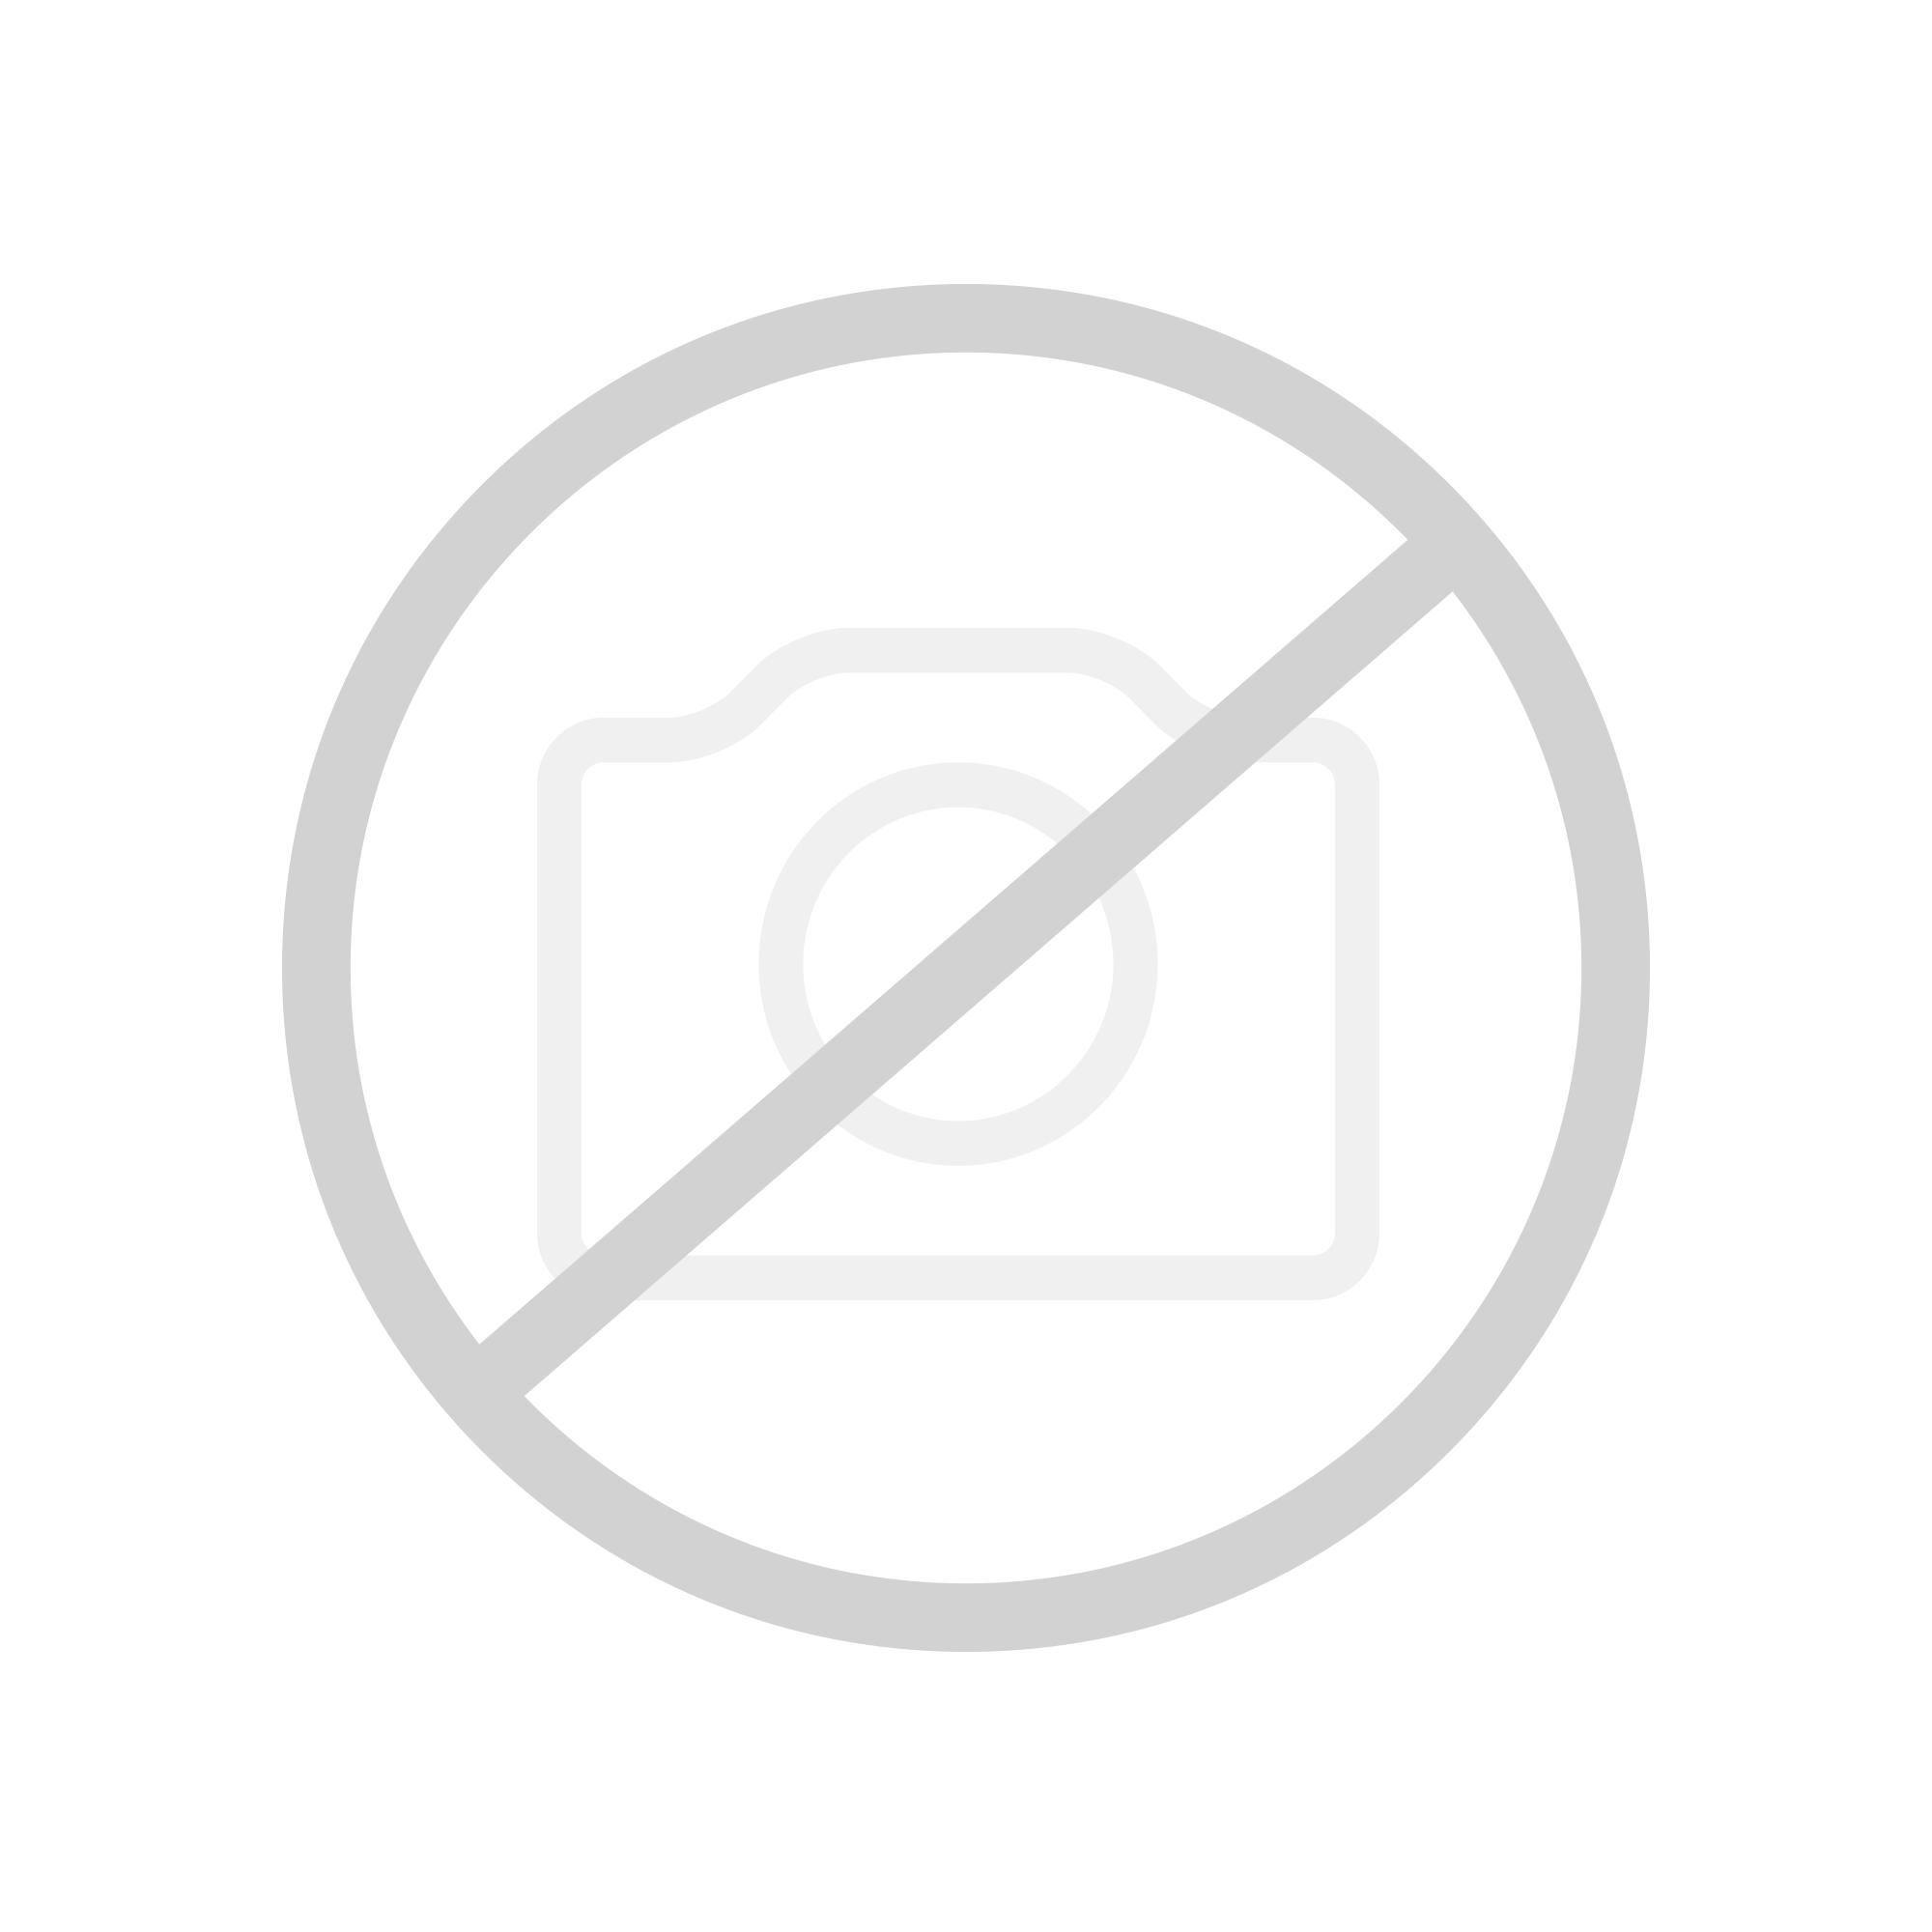 Geberit Systemständer, Höhe: 260 - 320 cm